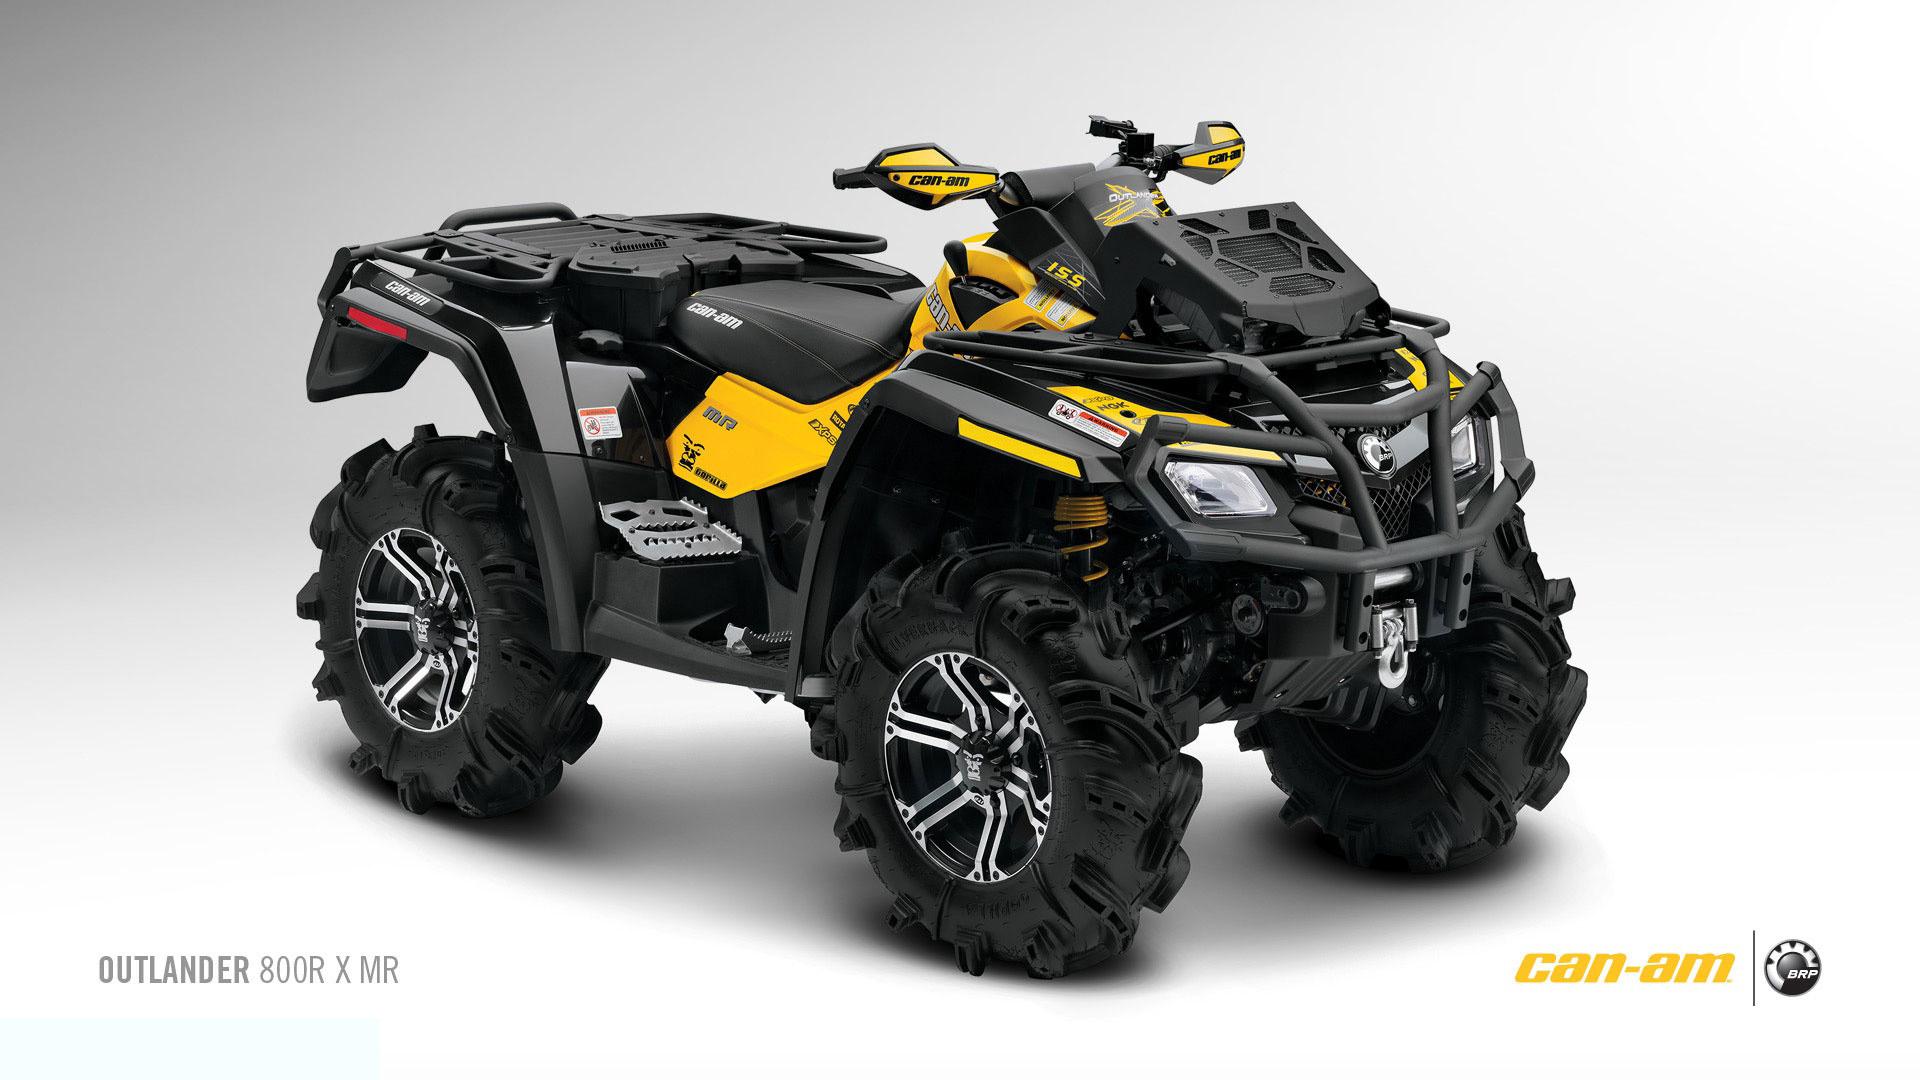 原装进口世界沙滩车第一品牌庞巴迪超酷800cc全地形atv沙滩车